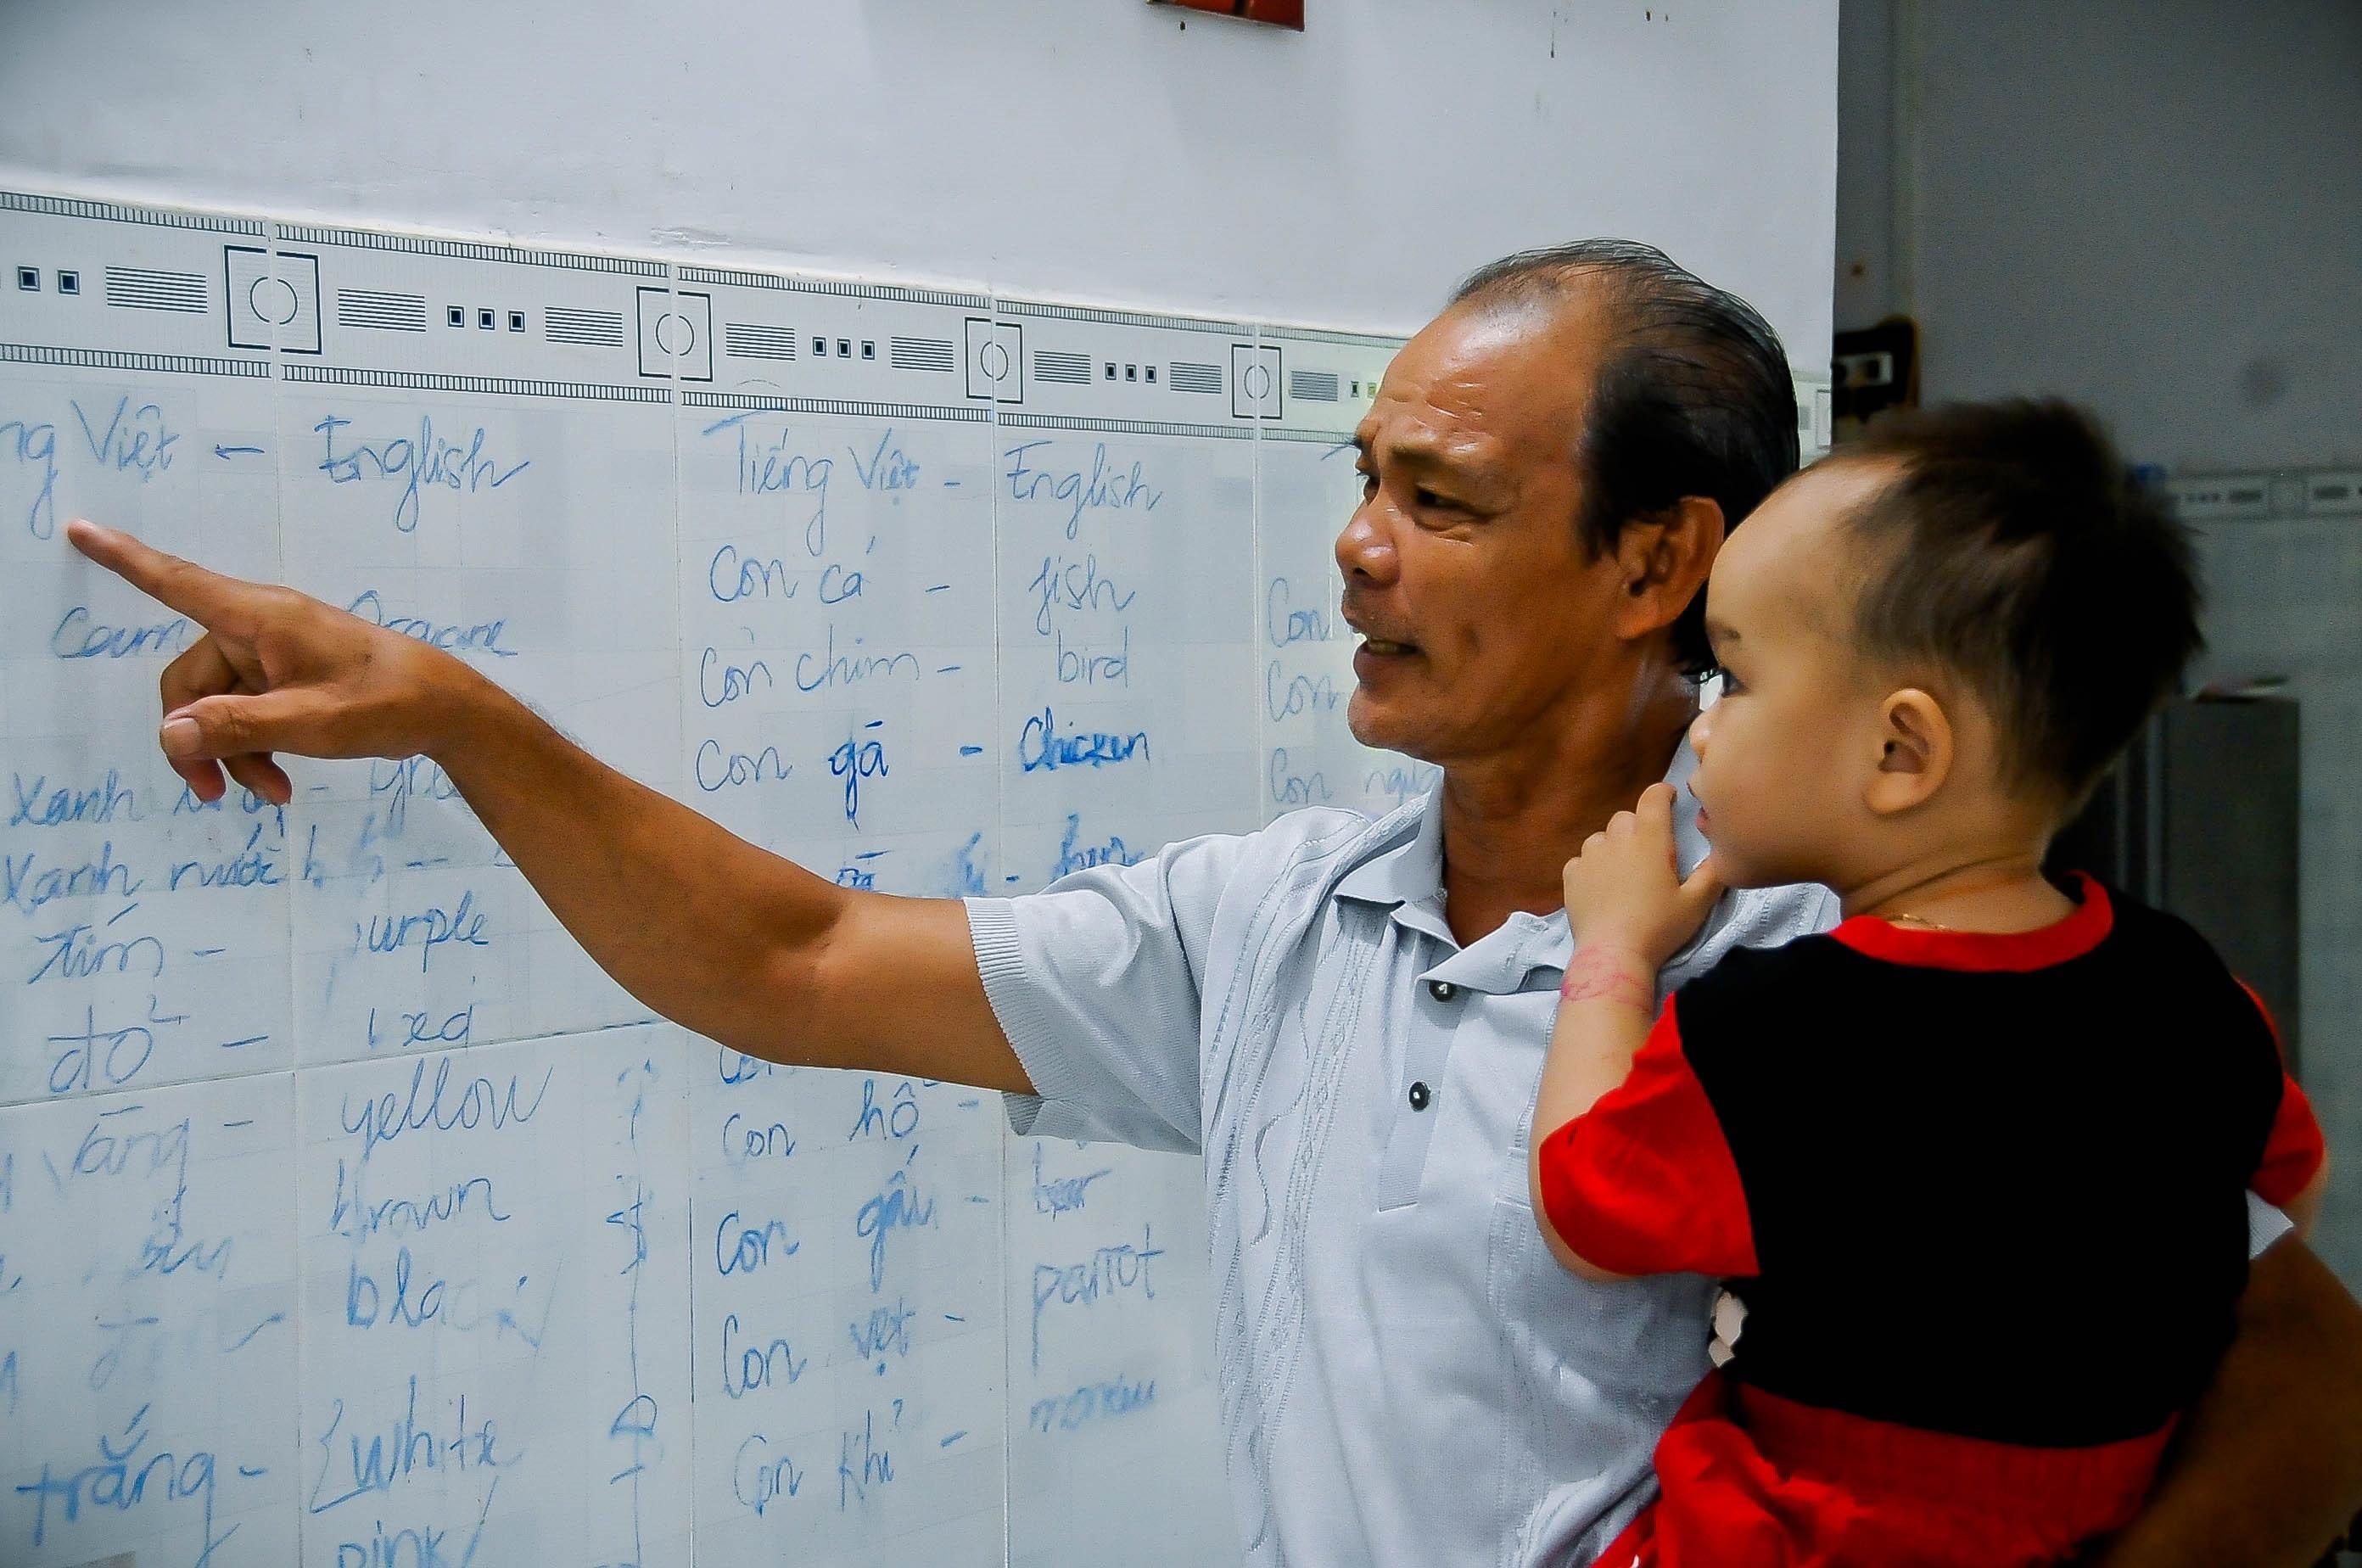 Ngạc nhiên bé 2 tuổi bỗng dưng tự biết đọc tiếng Việt lẫn tiếng Anh